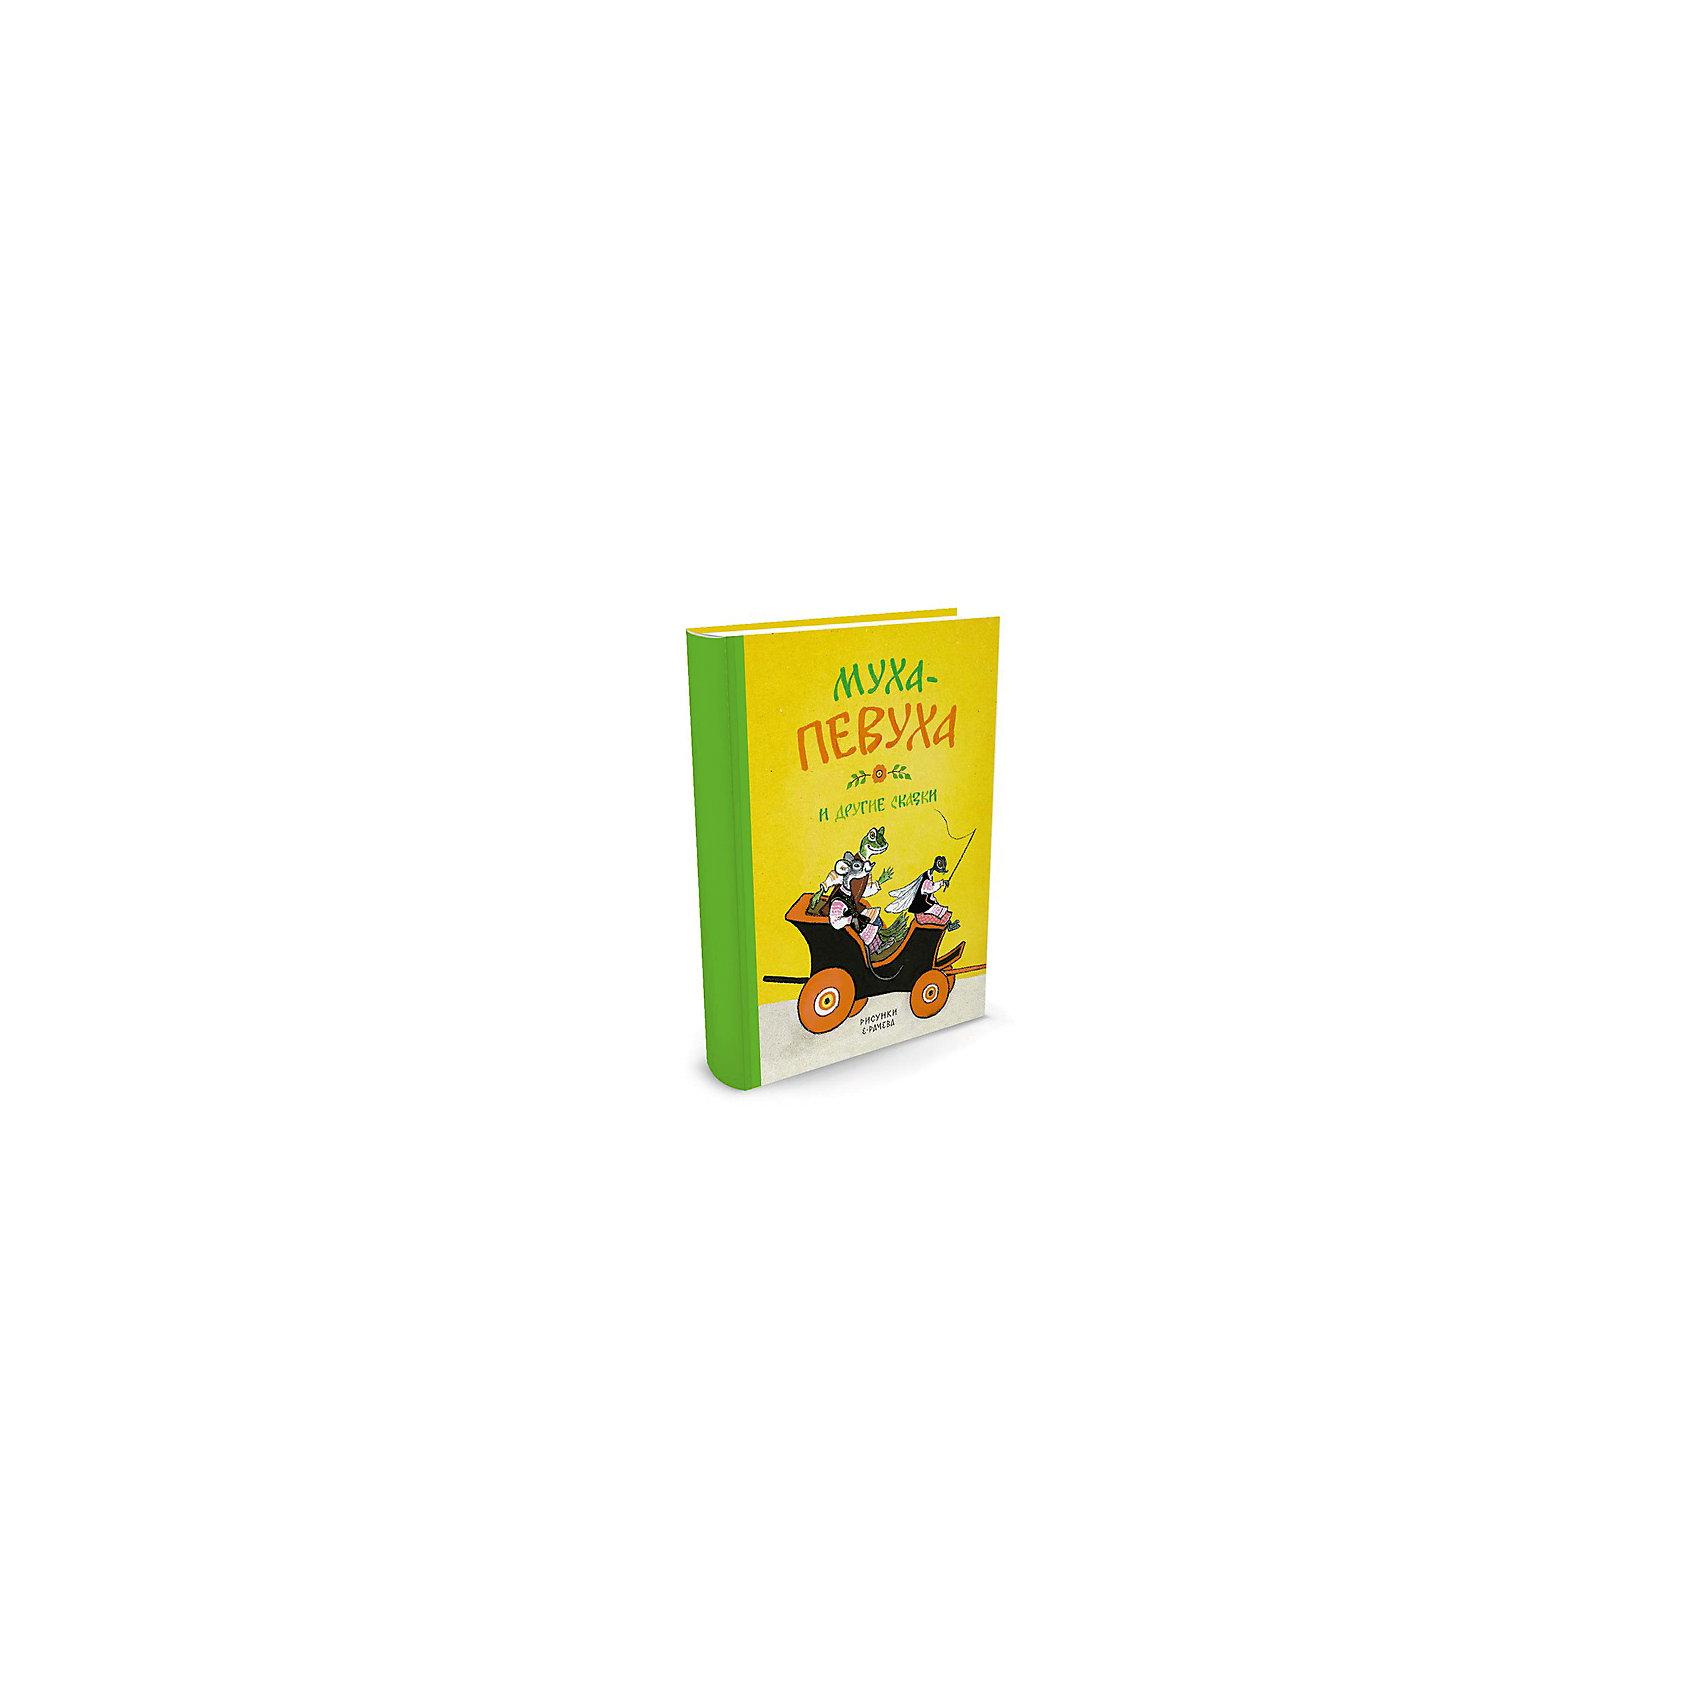 Муха-Певуха и другие сказки, MACHAONРусские сказки<br>Муха-Певуха и другие сказки.<br><br>Характеристики:<br><br>• Для детей в возрасте: от 3 до 6 лет<br>• Художник: Е. Рачев<br>• Издательство: Азбука-Аттикус, Махаон, 2016 год<br>• Тип обложки: 7Б - твердая (плотная бумага или картон)<br>• Оформление: с тканевым корешком<br>• Иллюстрации: цветные<br>• Количество страниц: 48<br>• Размер: 262х203х8 мм.<br>• Вес: 366 гр.<br>• ISBN: 9785389118652<br><br>Эти сказки обязательно найдут своё место не только на книжной полке, но и в сердце читателя. Удивительные, обаятельные звери, нарисованные Евгением Михайловичем Рачёвым, создают свой неповторимый сказочный мир. Яркие, точные образы героев раскрывают и дополняют текст.<br><br>Содержание:<br>Муха-певуха.<br>Почему кот и собака не дружат.<br>Легкий хлеб.<br>Почему барсук и лиса в норах живут.<br>Баю-бай, засыпай!<br>Котик Петрик и мышка.<br><br>Книгу Муха-Певуха и другие сказки можно купить в нашем интернет-магазине.<br><br>Ширина мм: 262<br>Глубина мм: 203<br>Высота мм: 80<br>Вес г: 366<br>Возраст от месяцев: 36<br>Возраст до месяцев: 72<br>Пол: Унисекс<br>Возраст: Детский<br>SKU: 5493448